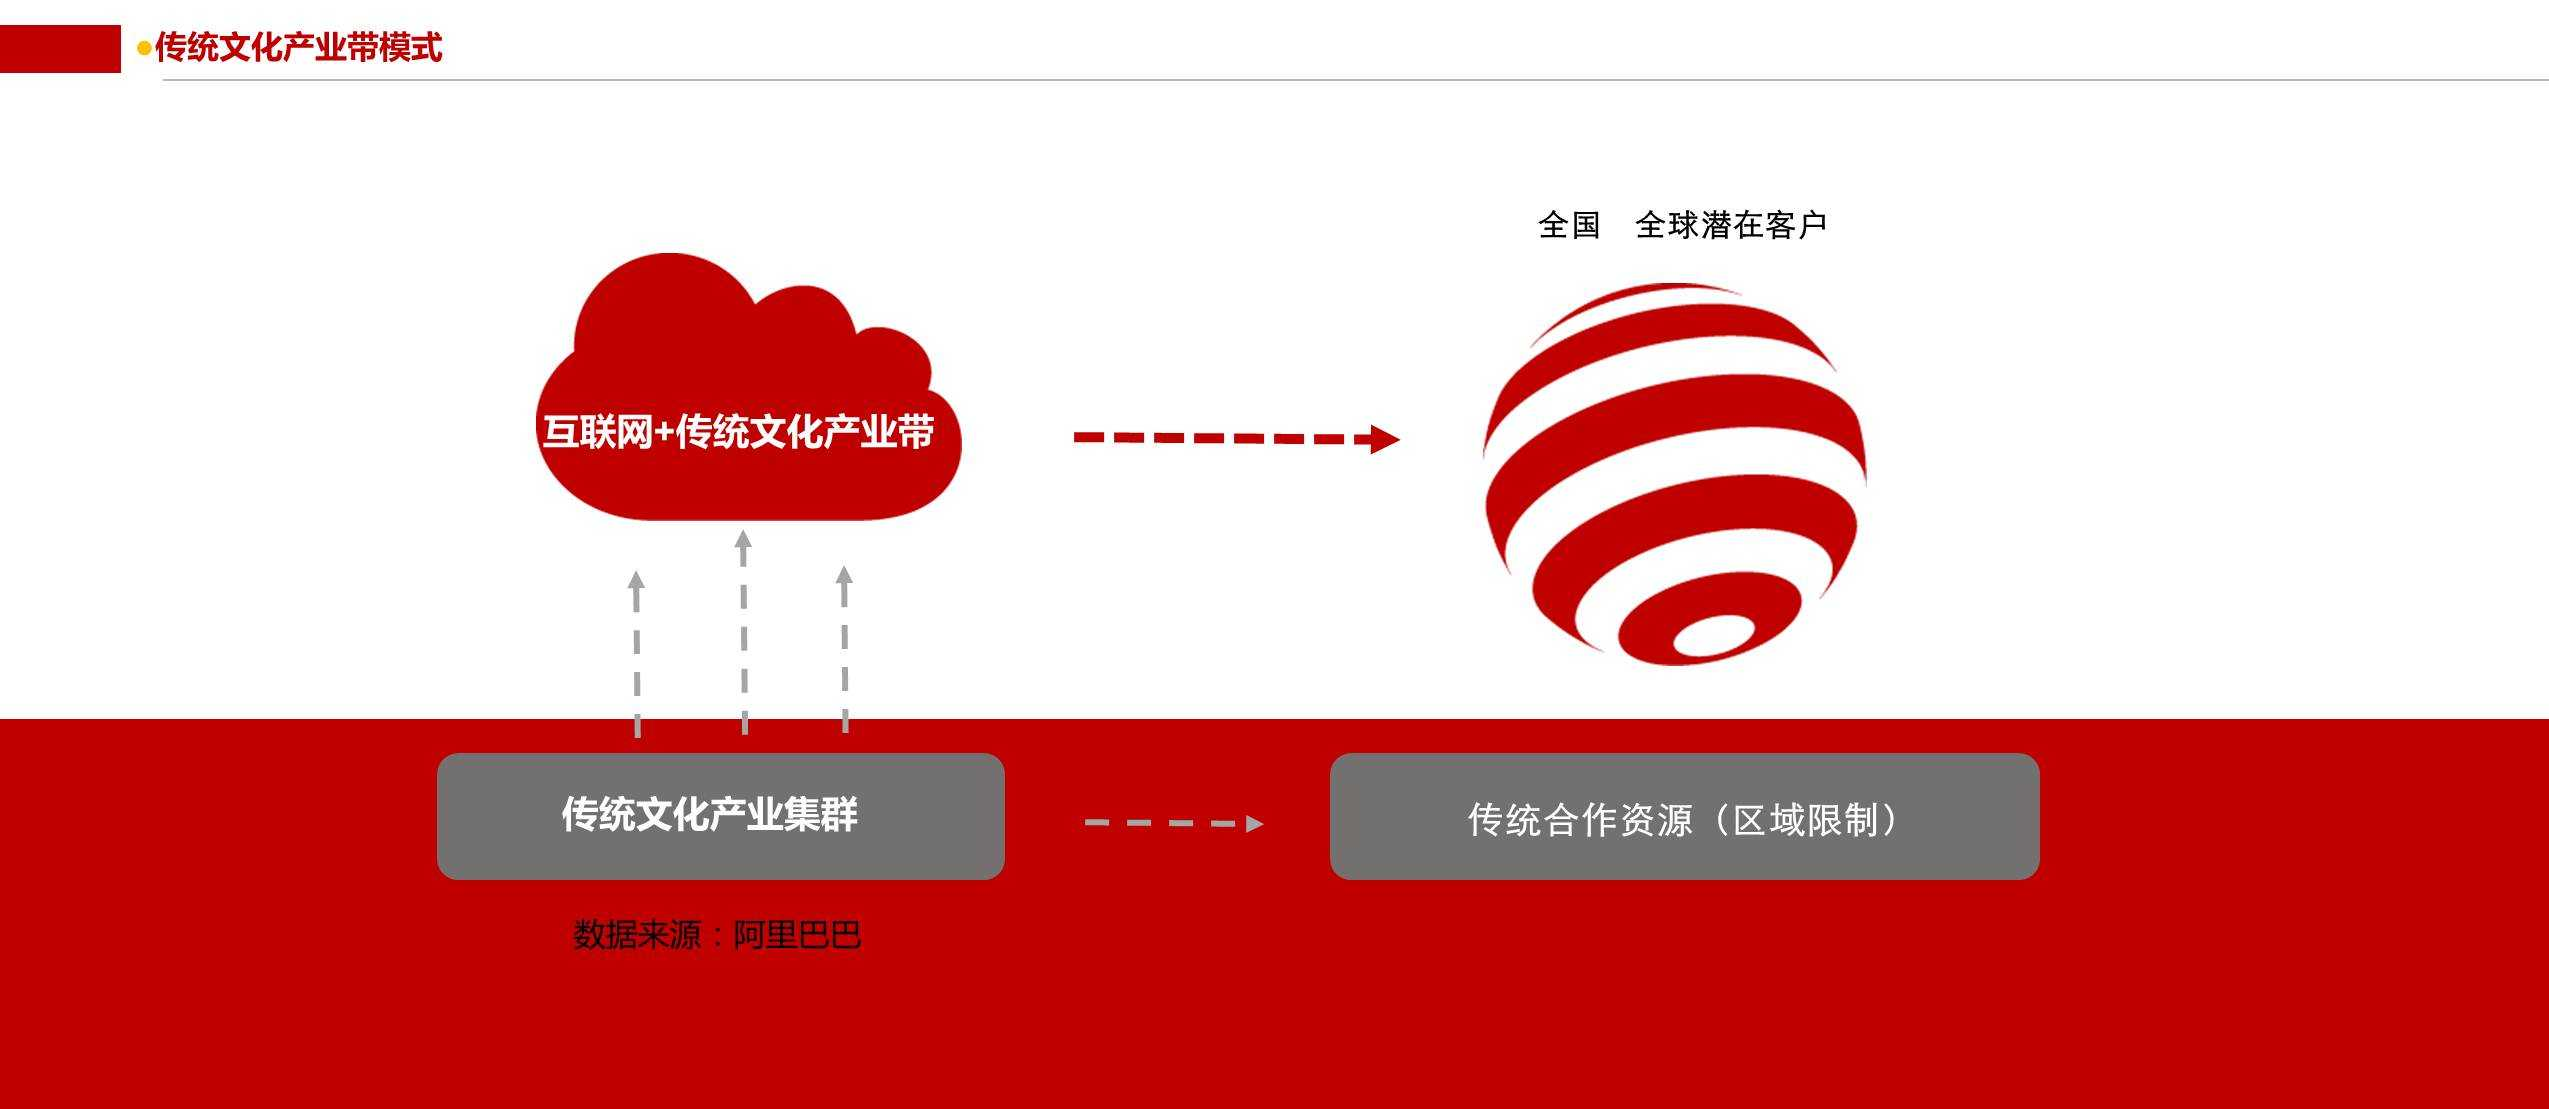 上海五猴商务服务(集团)有限公司